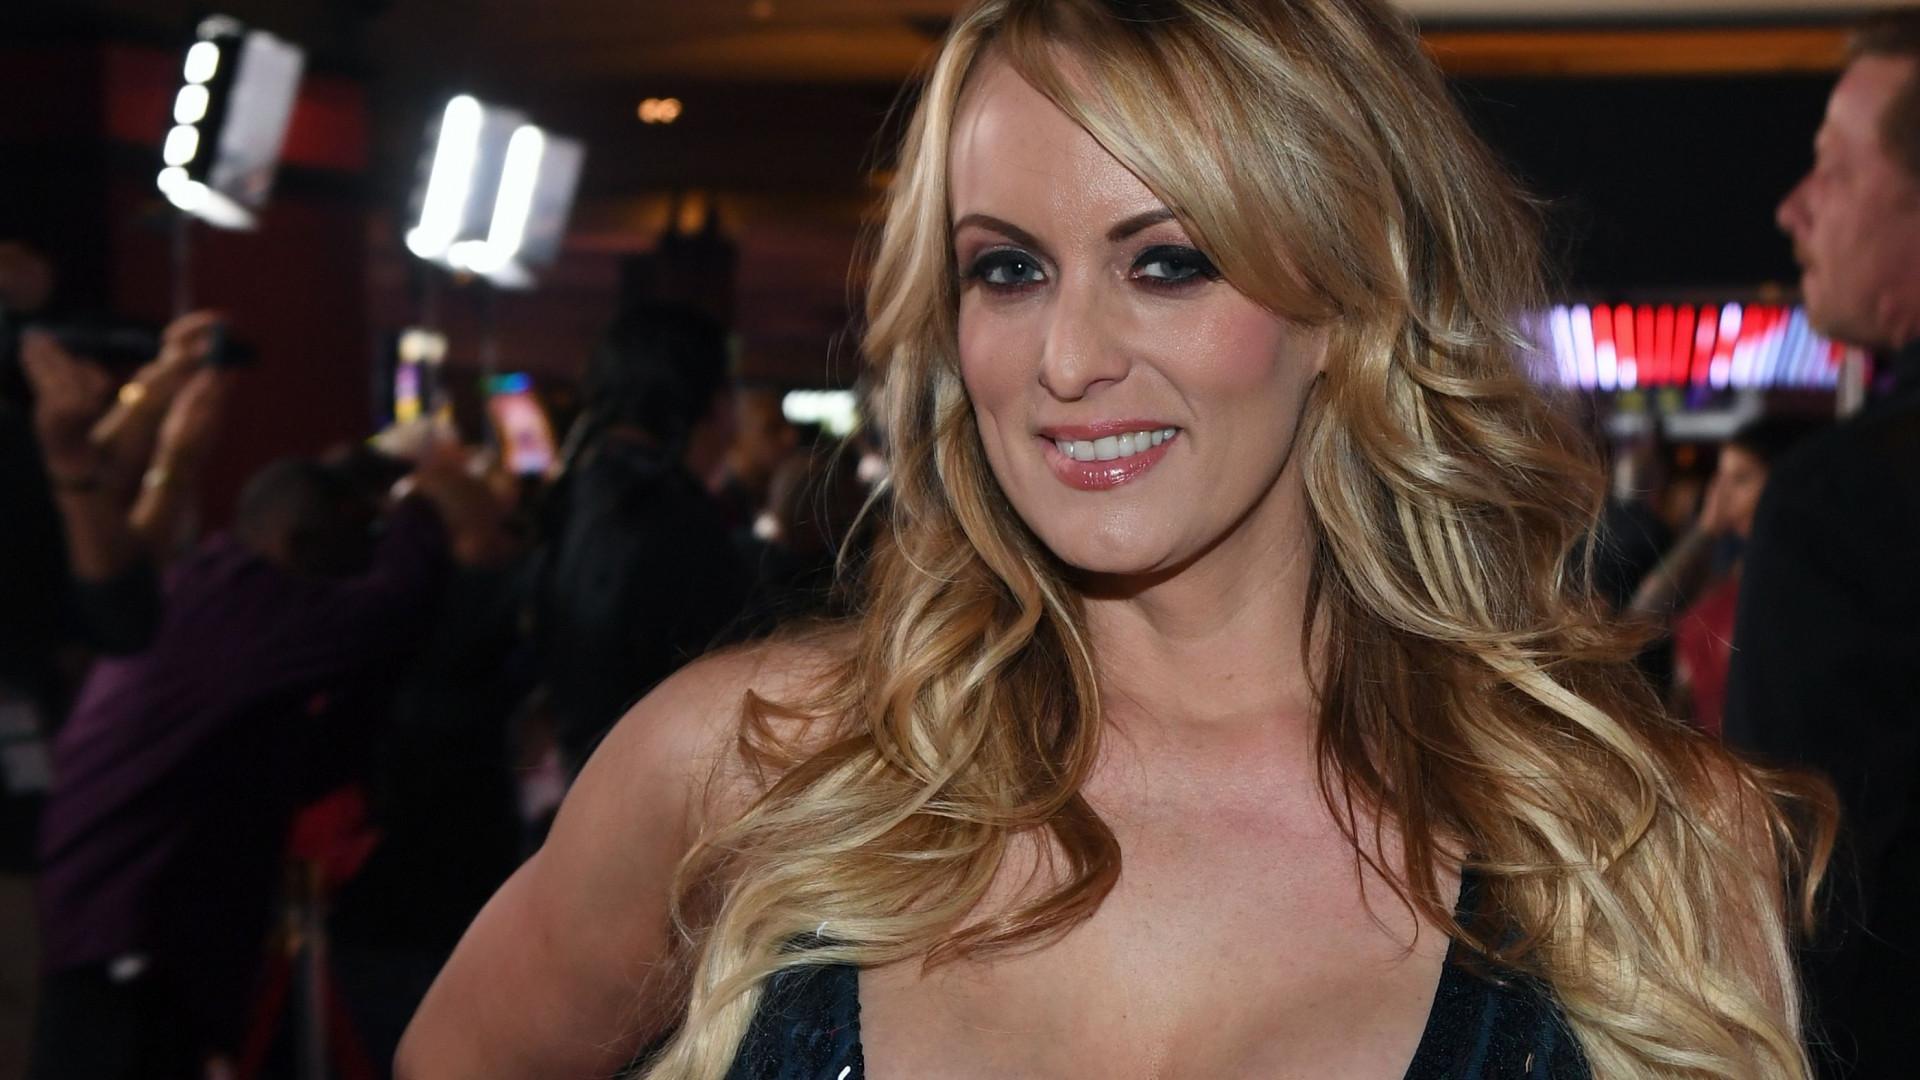 Estrela porno quer revelar pormenores da relação com Trump